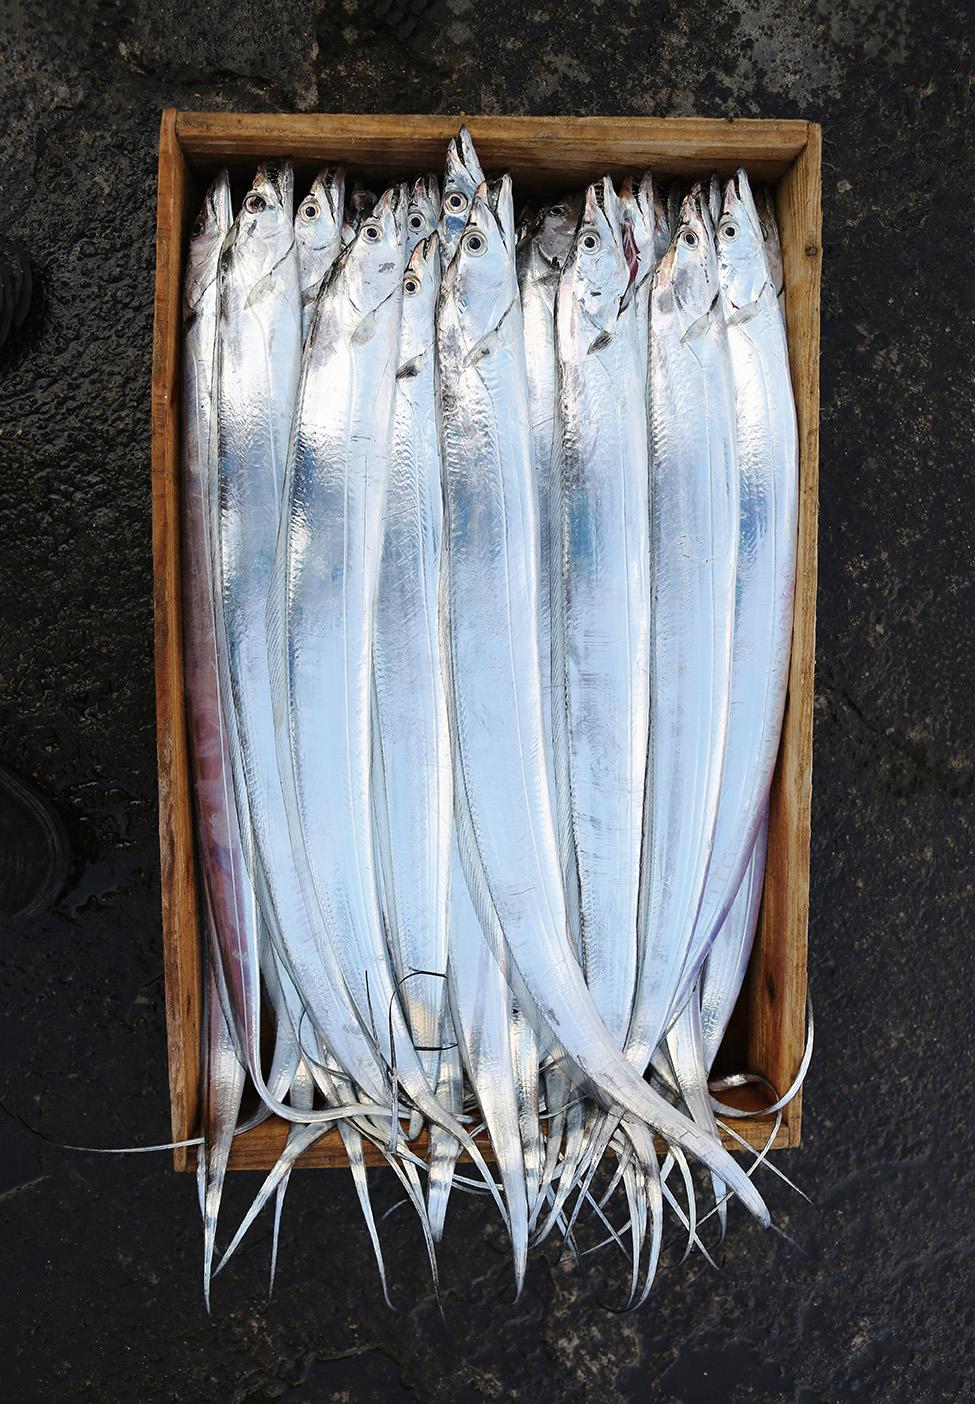 이 계절에는 갈치가 먹은 온갖 바다 생물의 아미노산이 응축된 살점의 맛을 놓칠 수 없다.